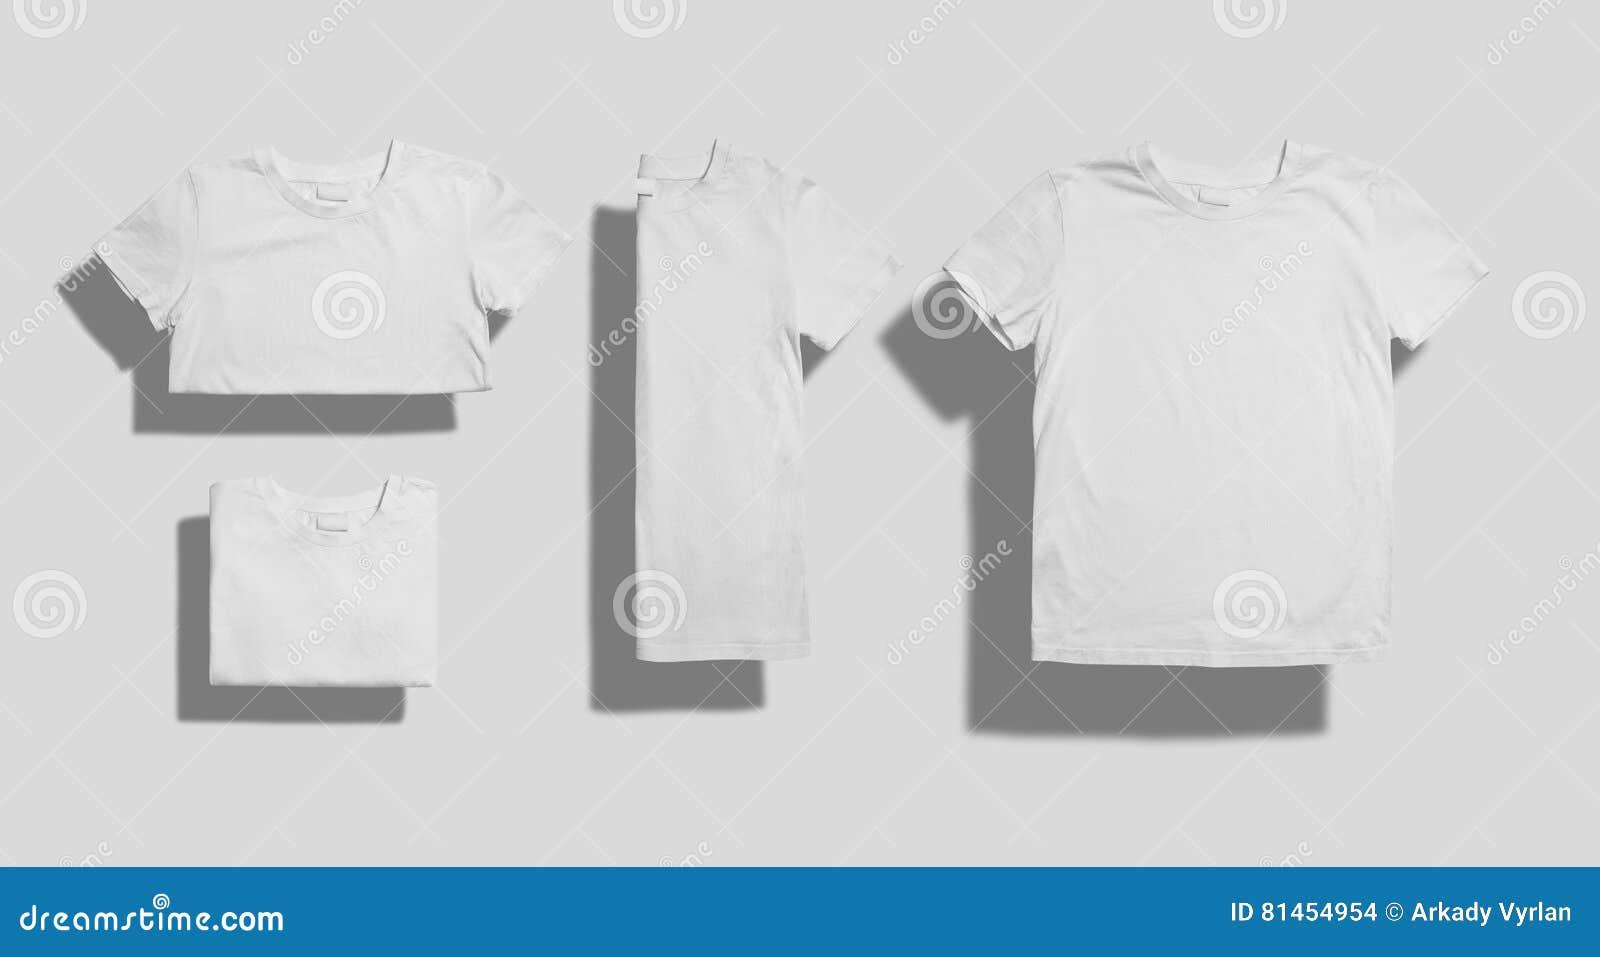 T Shirt Mockup Set Stock Photo Image Of Fashion Shirt 81454954